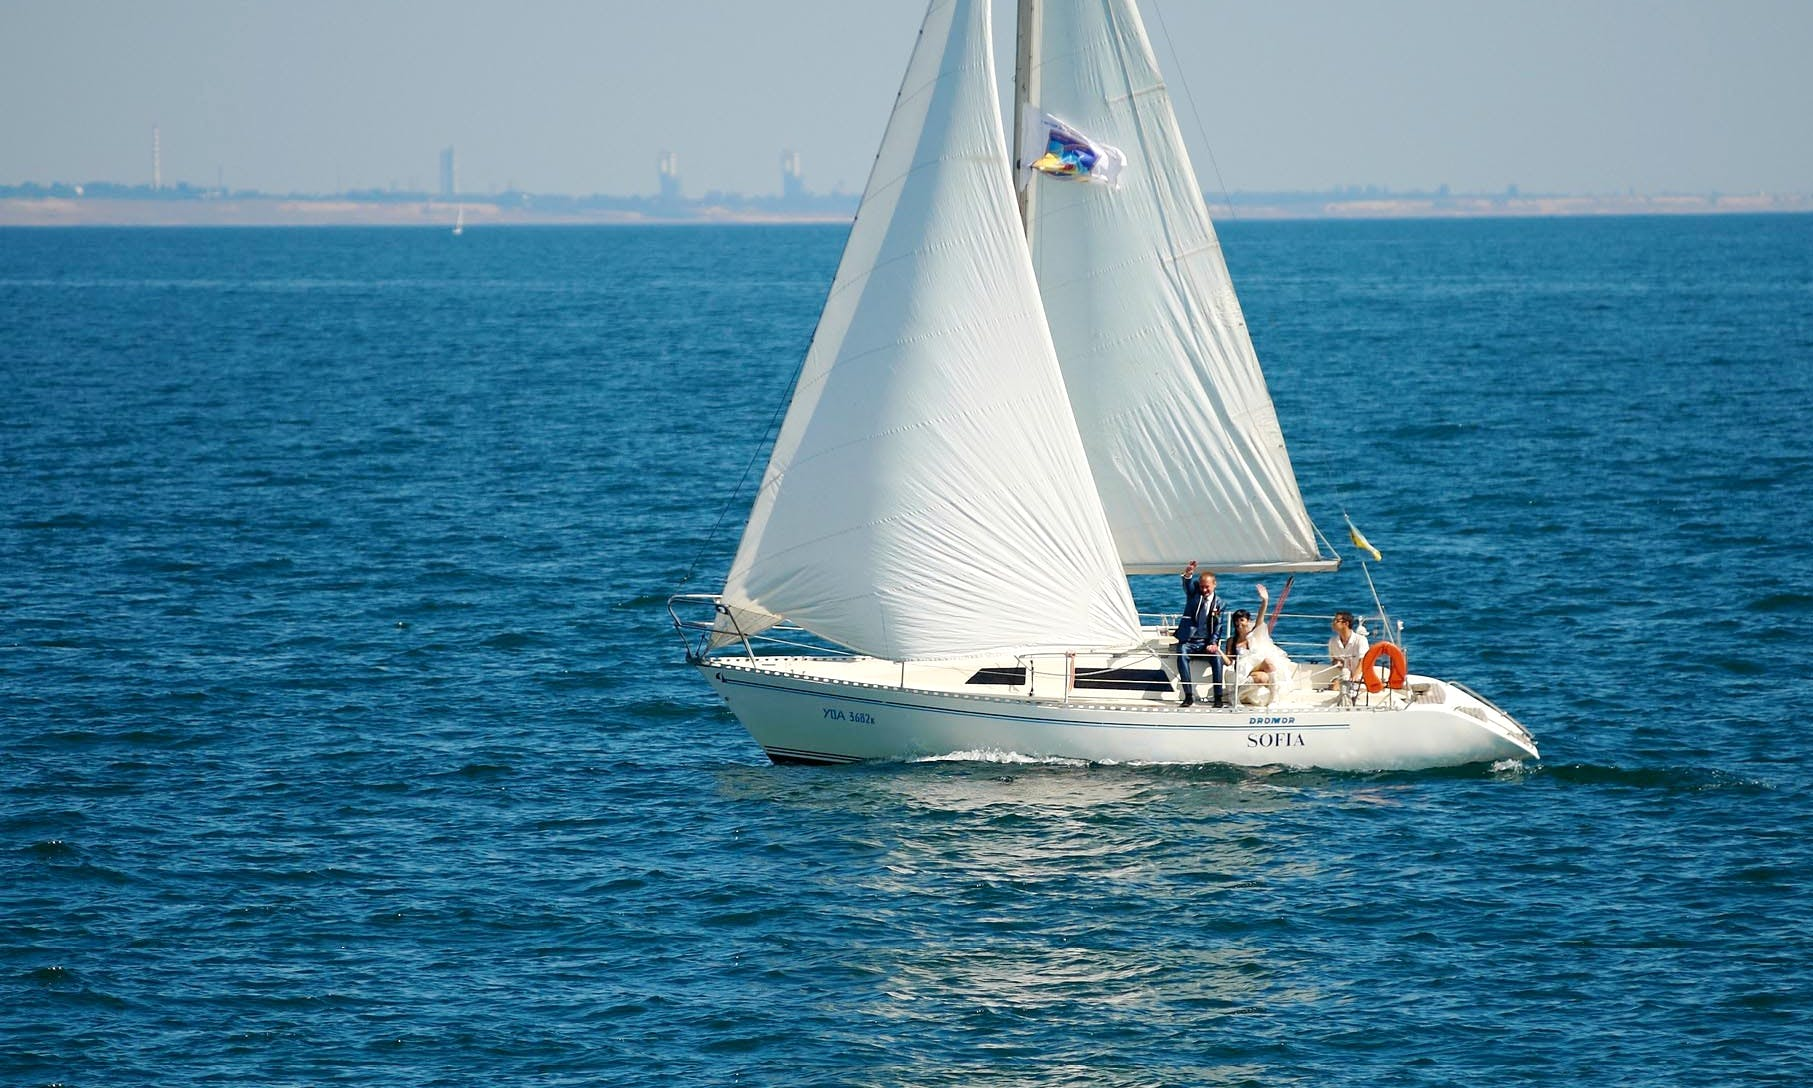 'Sofia' Sailing Monohull Charter in Odessa